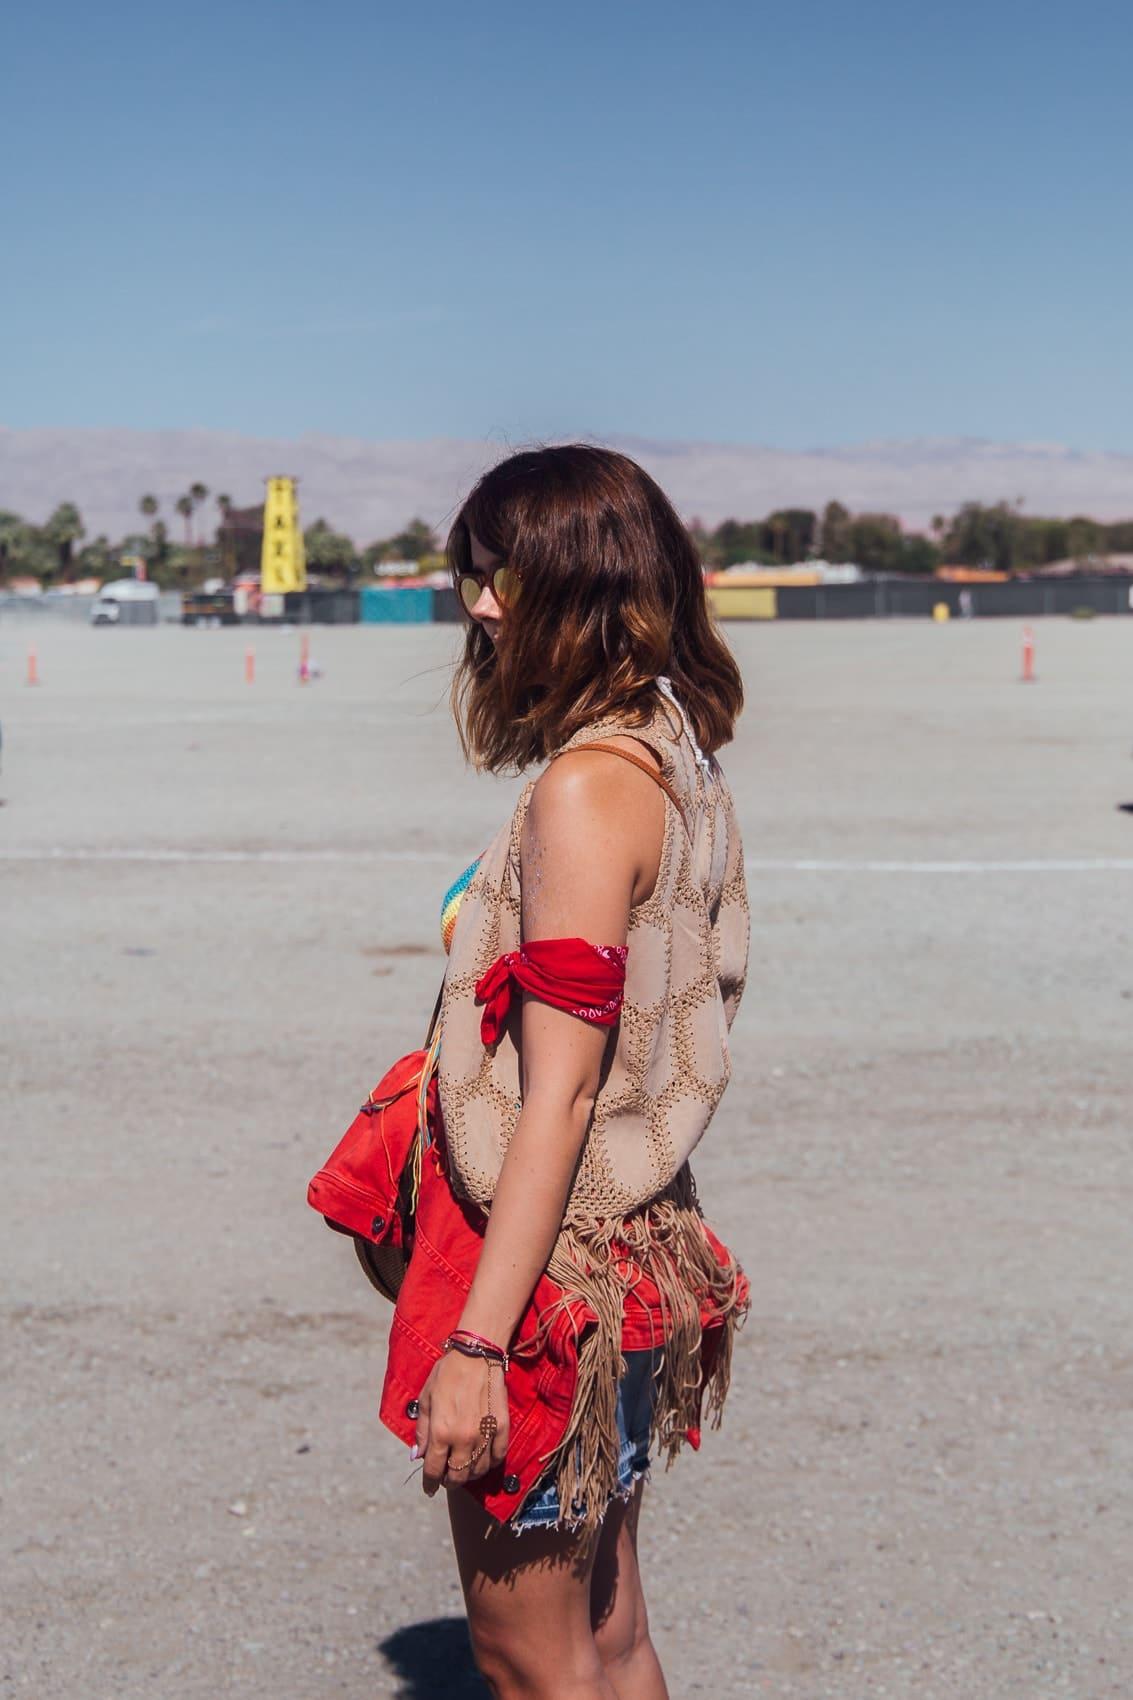 Coachella Outfits 2018 - Sommer Trends in der Wüste